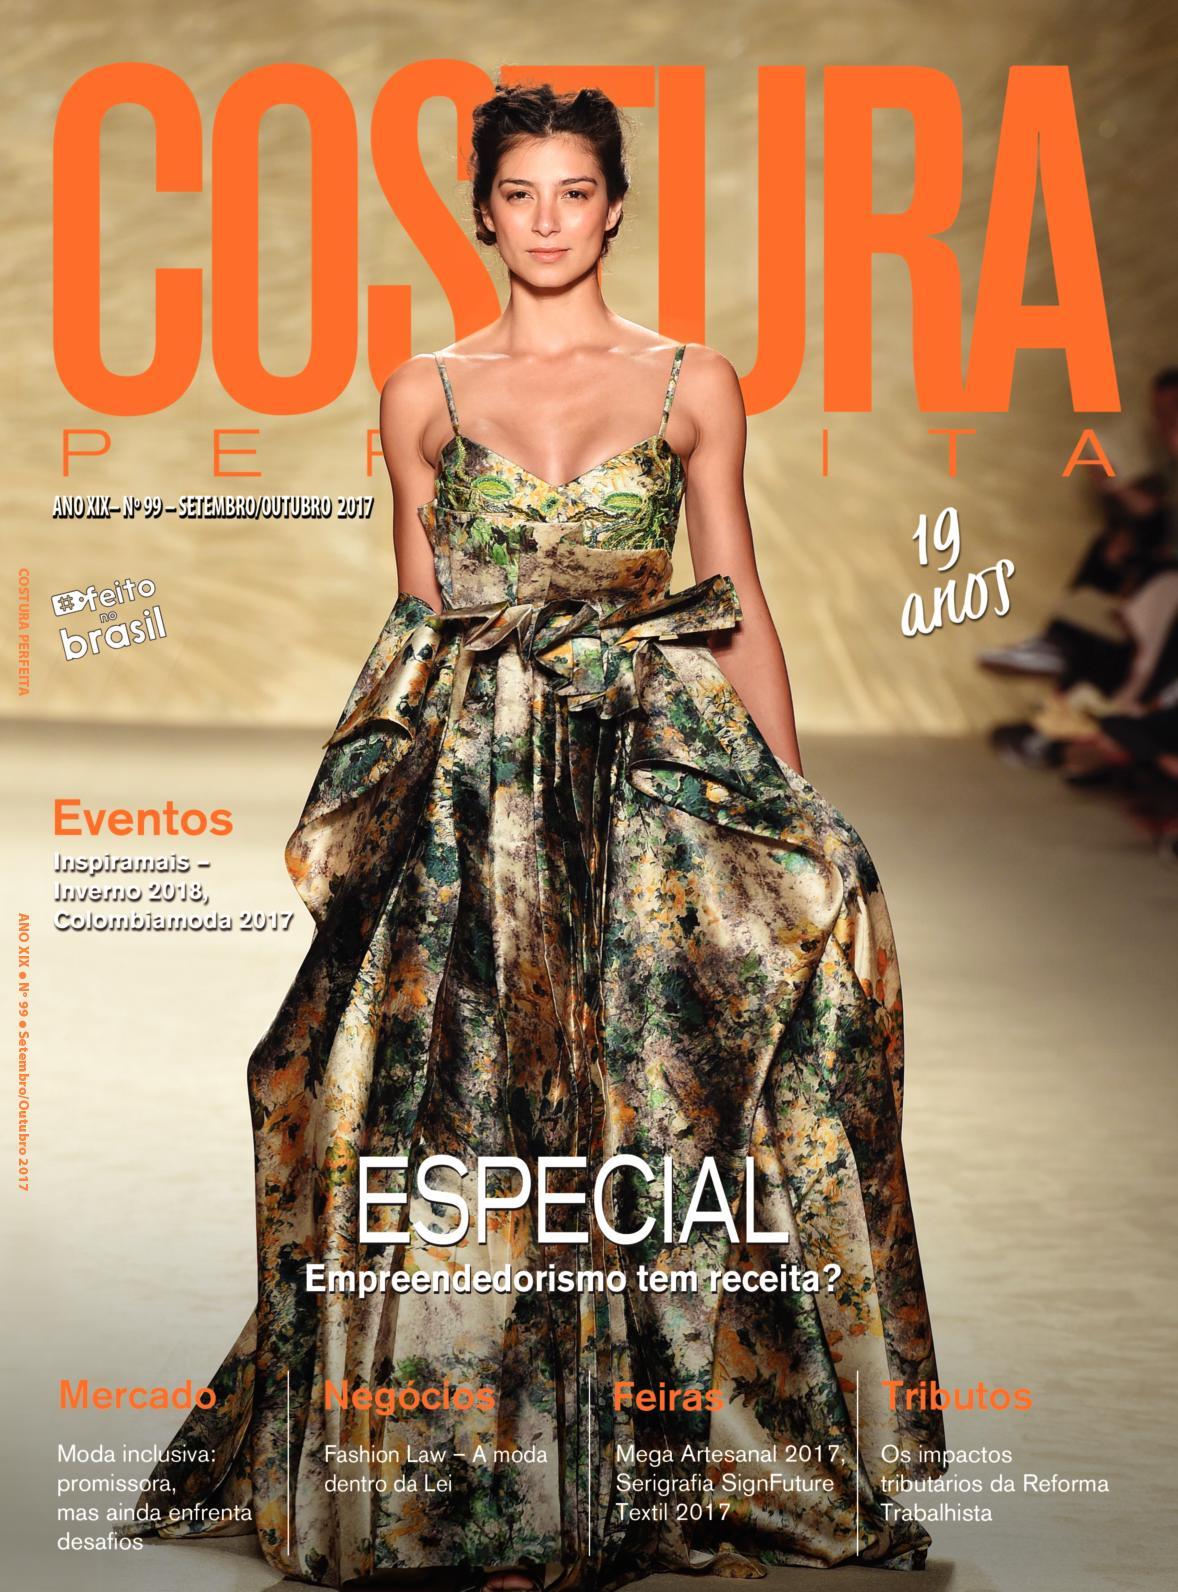 d0b0d8848 Calaméo - Revista Costura Perfeita Edição Ano XIX - N99 - Setembro -  Outubro 2017